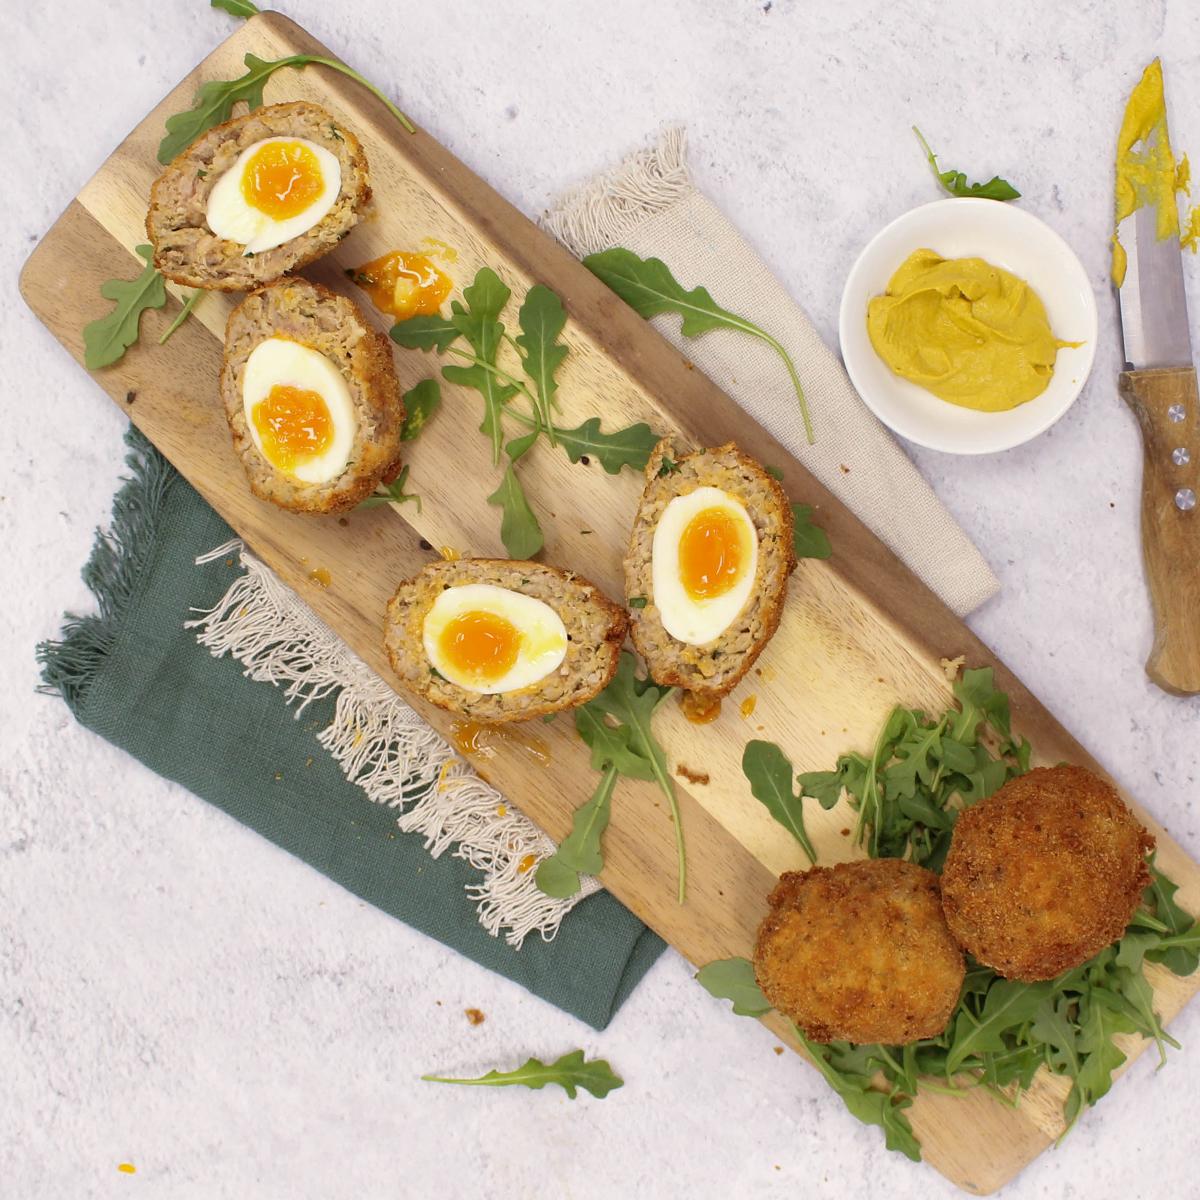 The Best Scotch Eggs Recipe - Pork Sausages